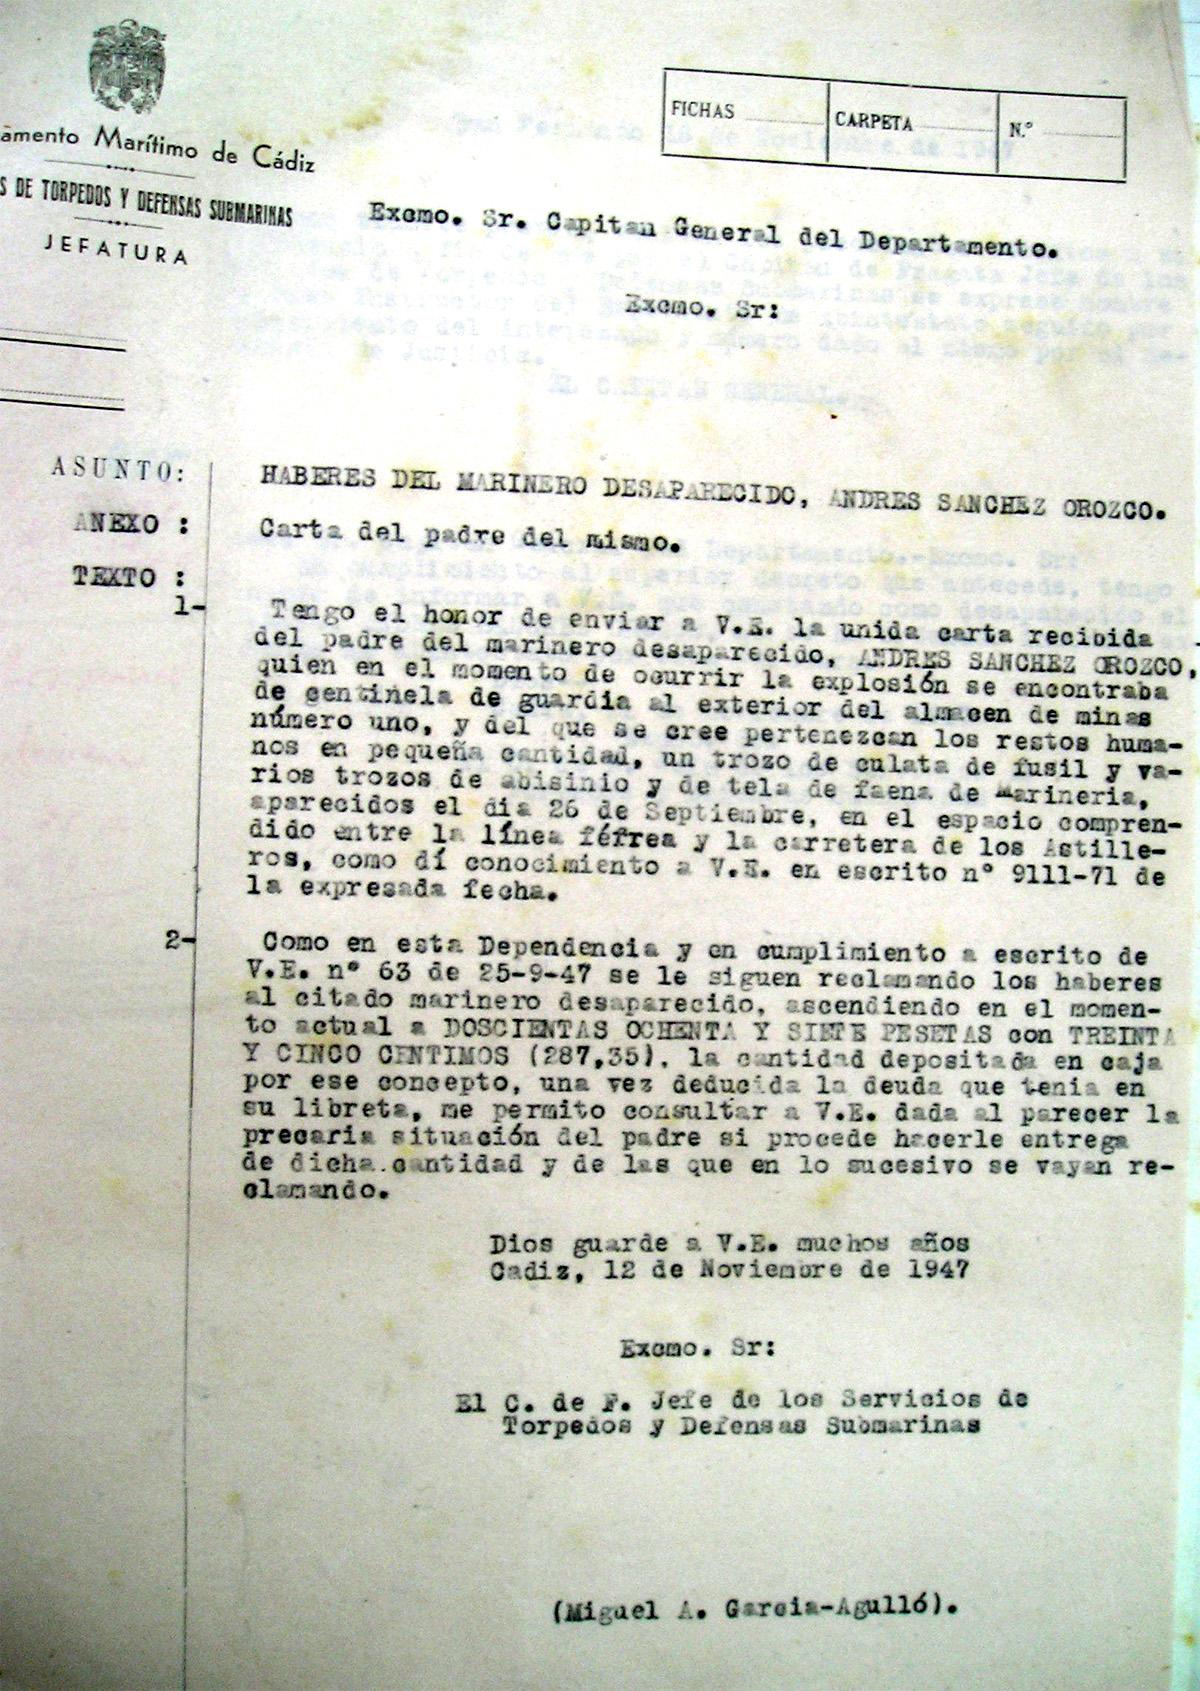 Carta de García-Agulló al Capitán General con la reclamación del padre de Andrés Sánchez Orozco